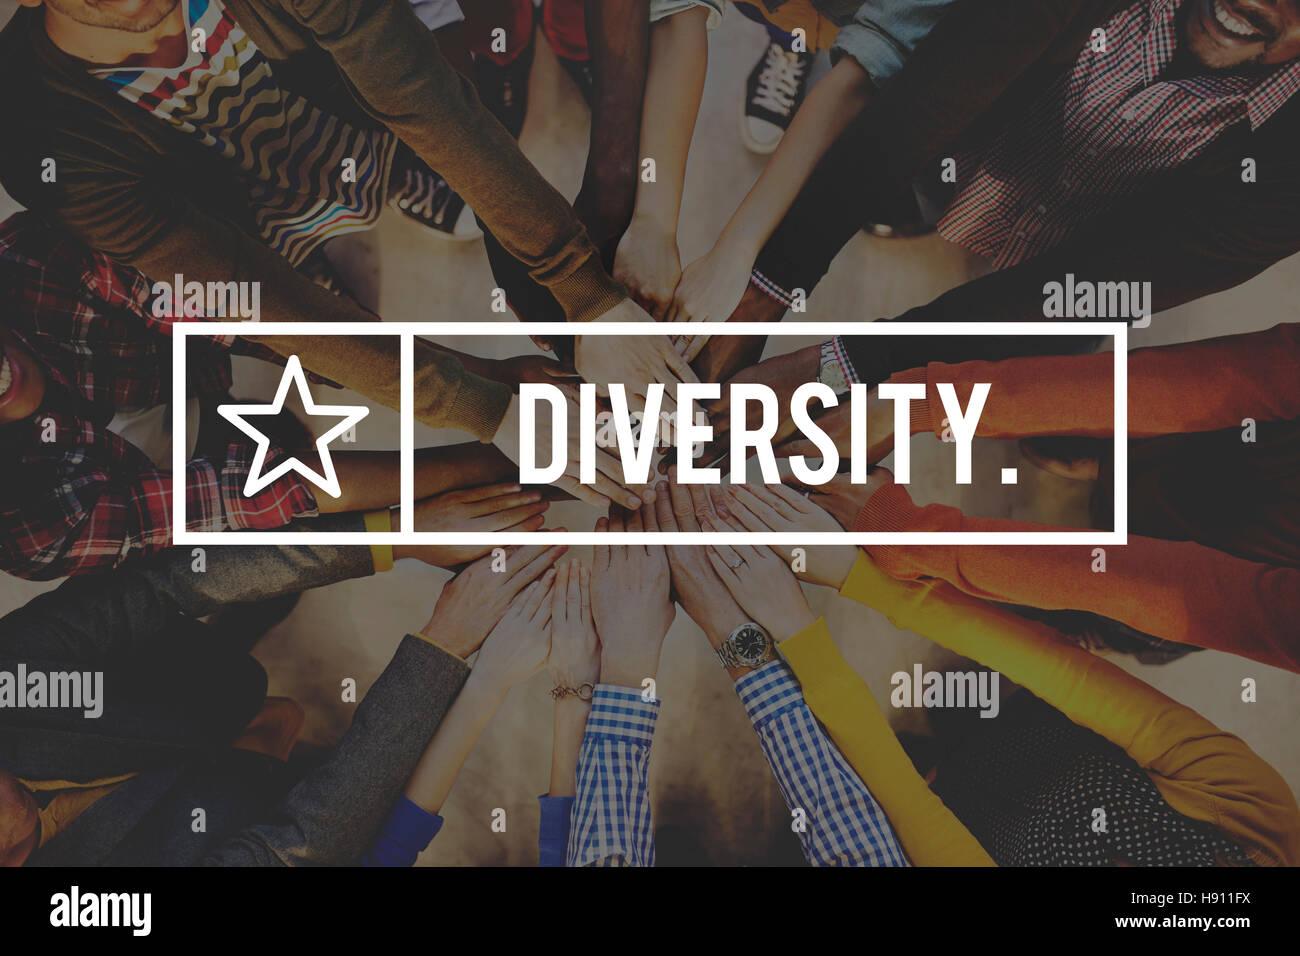 Diversity-Gesellschaft Variation Rennen Community Konzept Stockbild